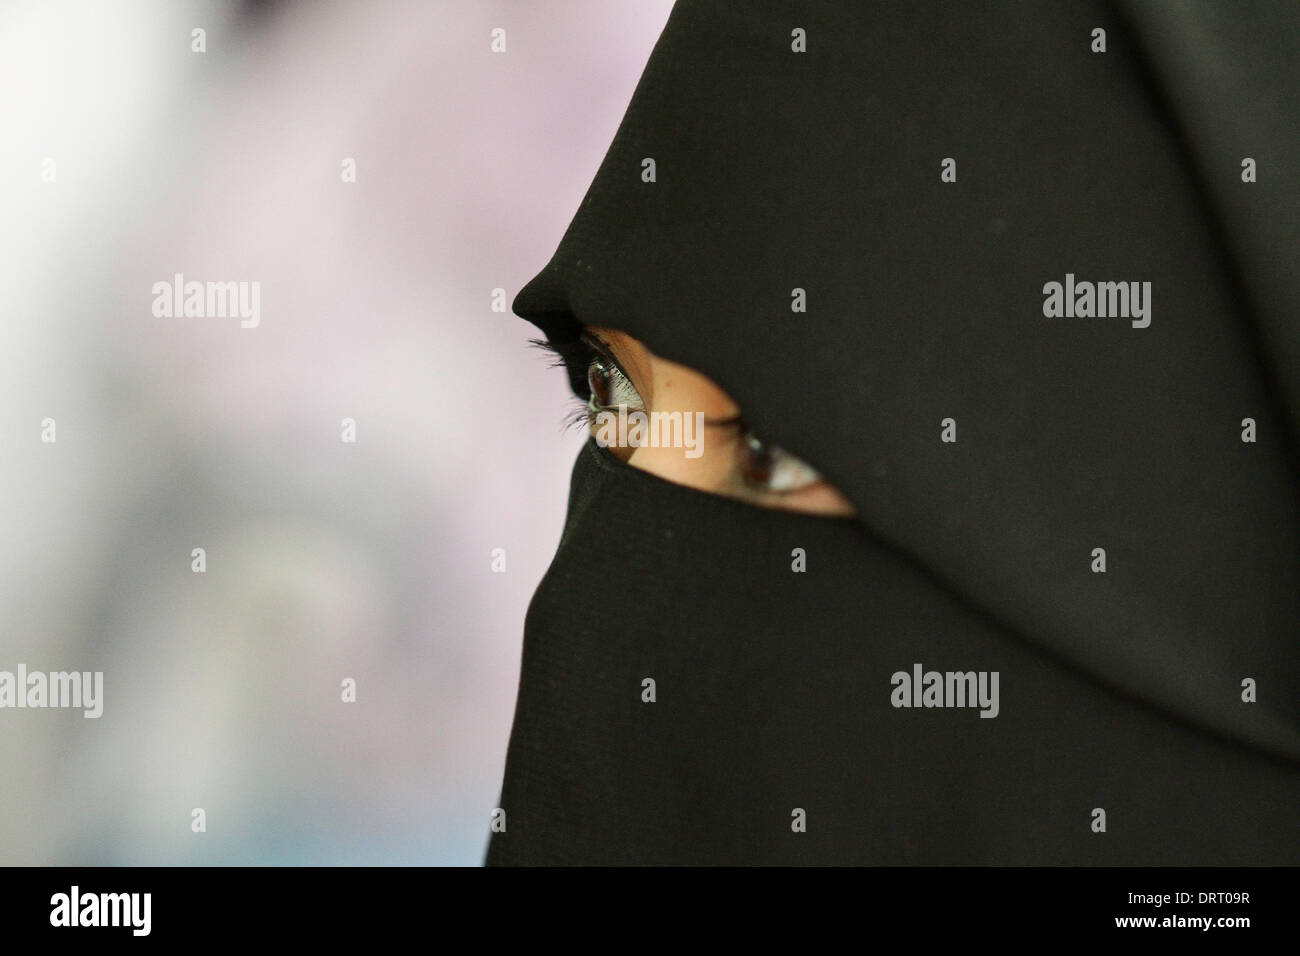 Quezon, Philippinen. 1. Februar 2014. Eine muslimische Frau ein volles Gesicht Hijab tragen besucht die Welt Hijad Tagesprogramm in Quezon City am 1. Februar 2014. In World Hijab Day sind Frauen aus muslimischen und nichtmuslimischen Frauen eingeladen, Hijab (Schleier) tragen für einen Tag zur Förderung religiöser Toleranz und Verständnis, warum muslimische Frauen Hijab zu tragen. Bildnachweis: Mark Fredesjed Cristino/Alamy Live-Nachrichten Stockbild